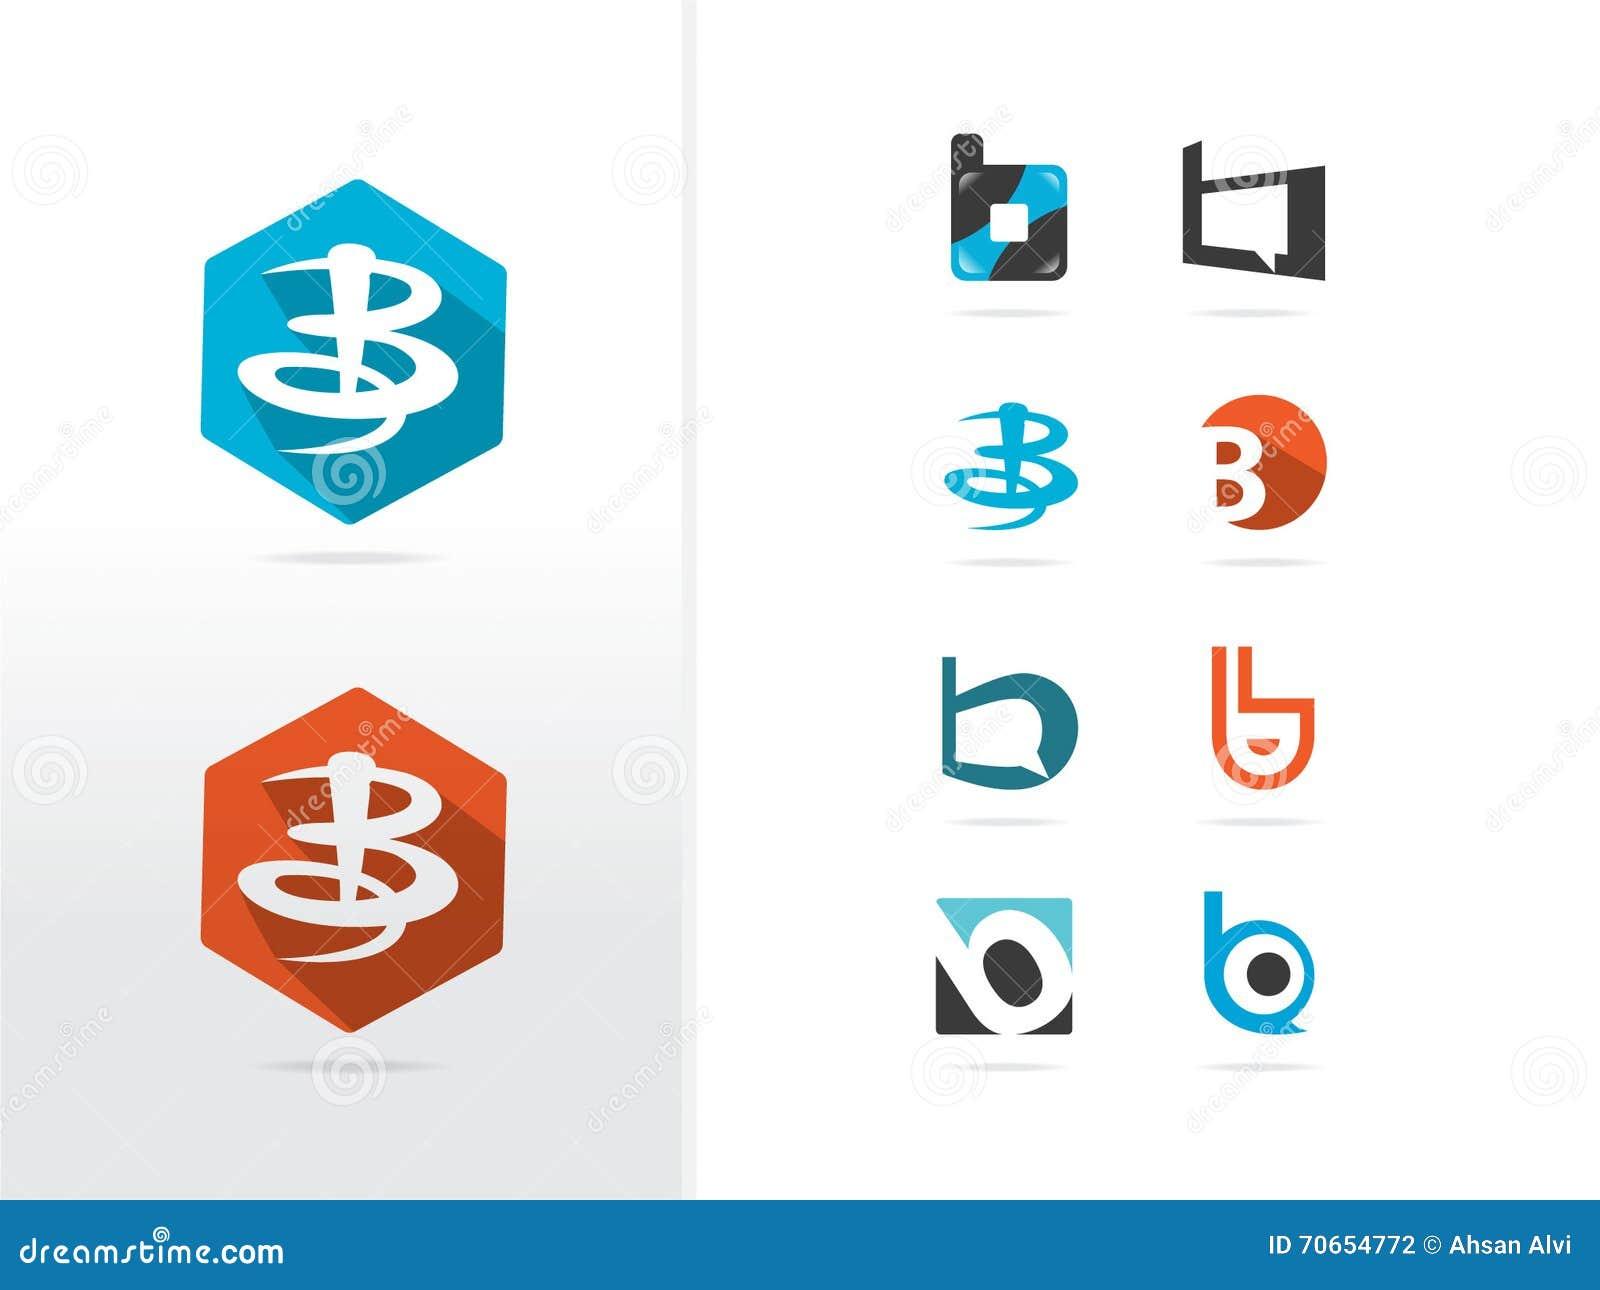 B letter logo design stock vector illustration of design for B b com